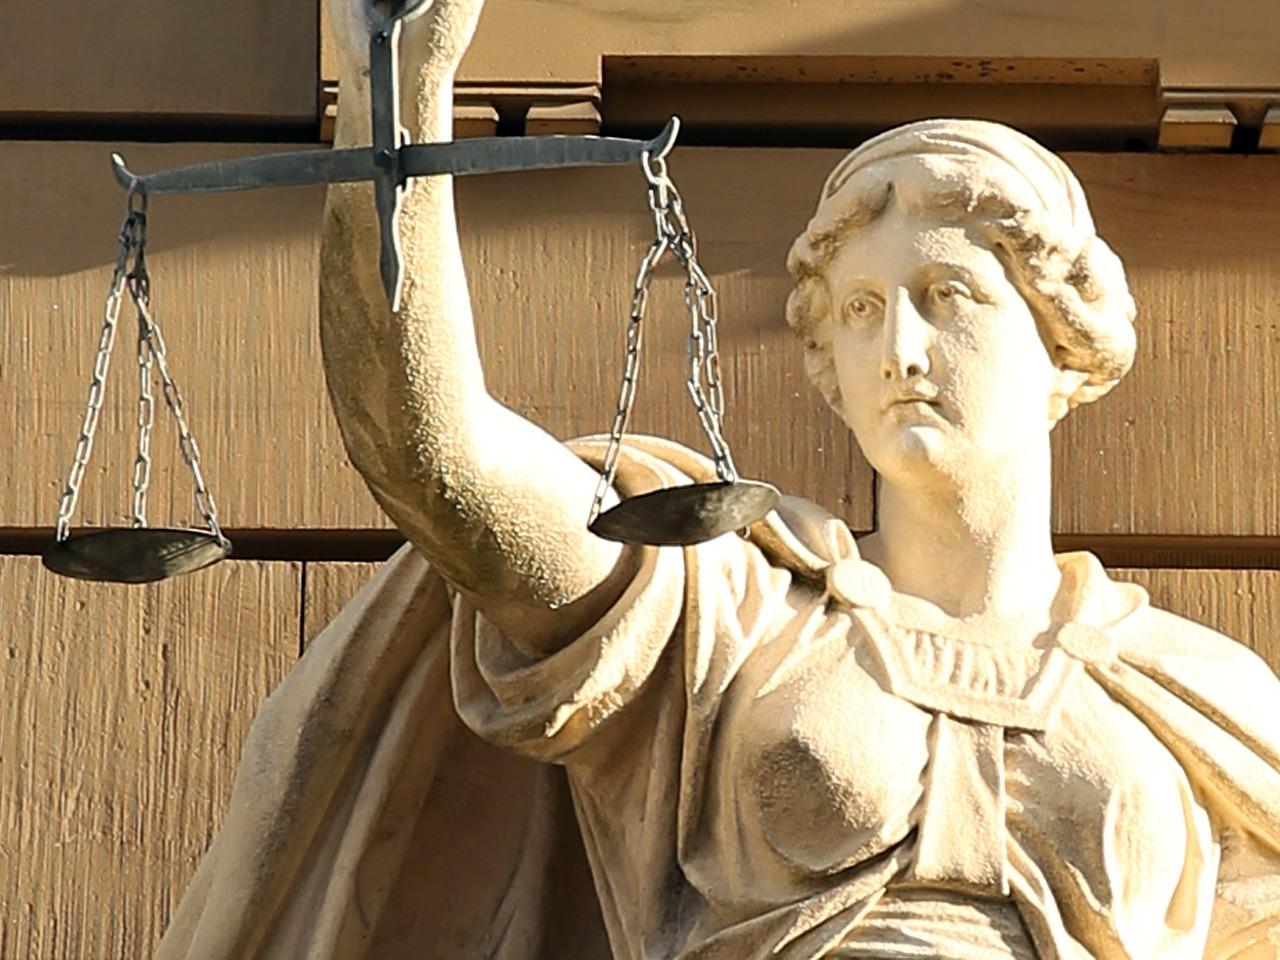 Fachanwalt für Bank- und Kapitalmarktrecht